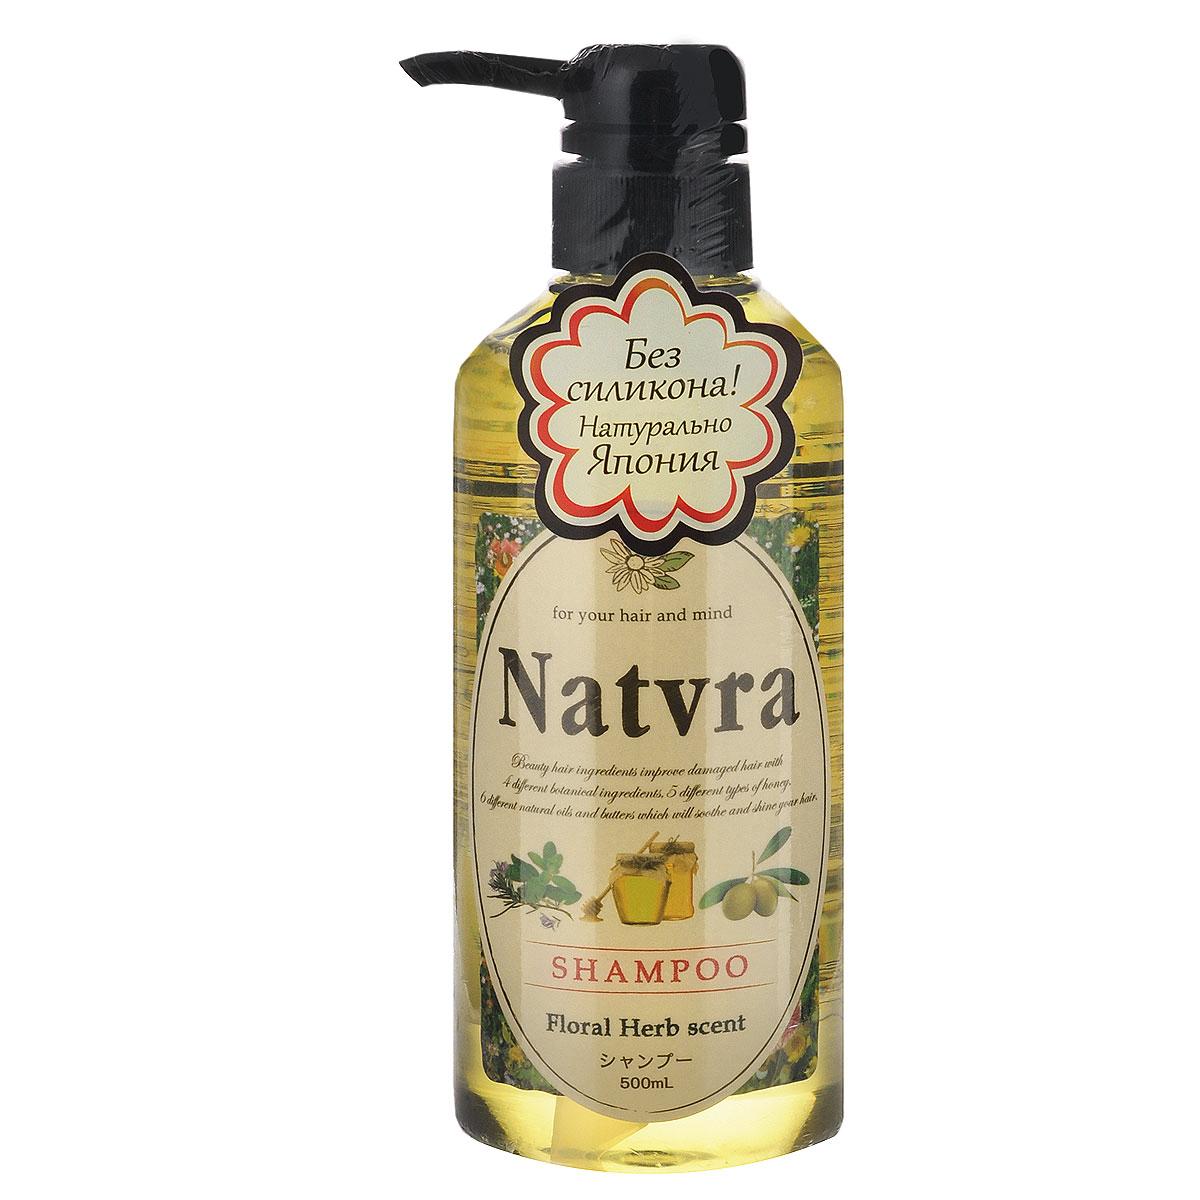 """Japan Gateway Шампунь для волос Natvra, без силикона, 500 млHS-81435788Шампунь для волос """"Natvra"""" -сила природы для красоты волос.Восстановление волос. Растительные компоненты (кленовый сок, луговое масло, экстракт кофе, соевый белок) для красоты волос. Гладкость и блеск. Натуральные масла (оливы, арганы, манго, какао) для придания гладкости. Увлажнение. Медовые компоненты (растворенный медовый белок, воск, маточное молочко) для глубокого увлажнения. Шампунь не содержит силикона, искусственных ароматизаторов и красителей, продуктов нефтепереработки. Товар сертифицирован."""